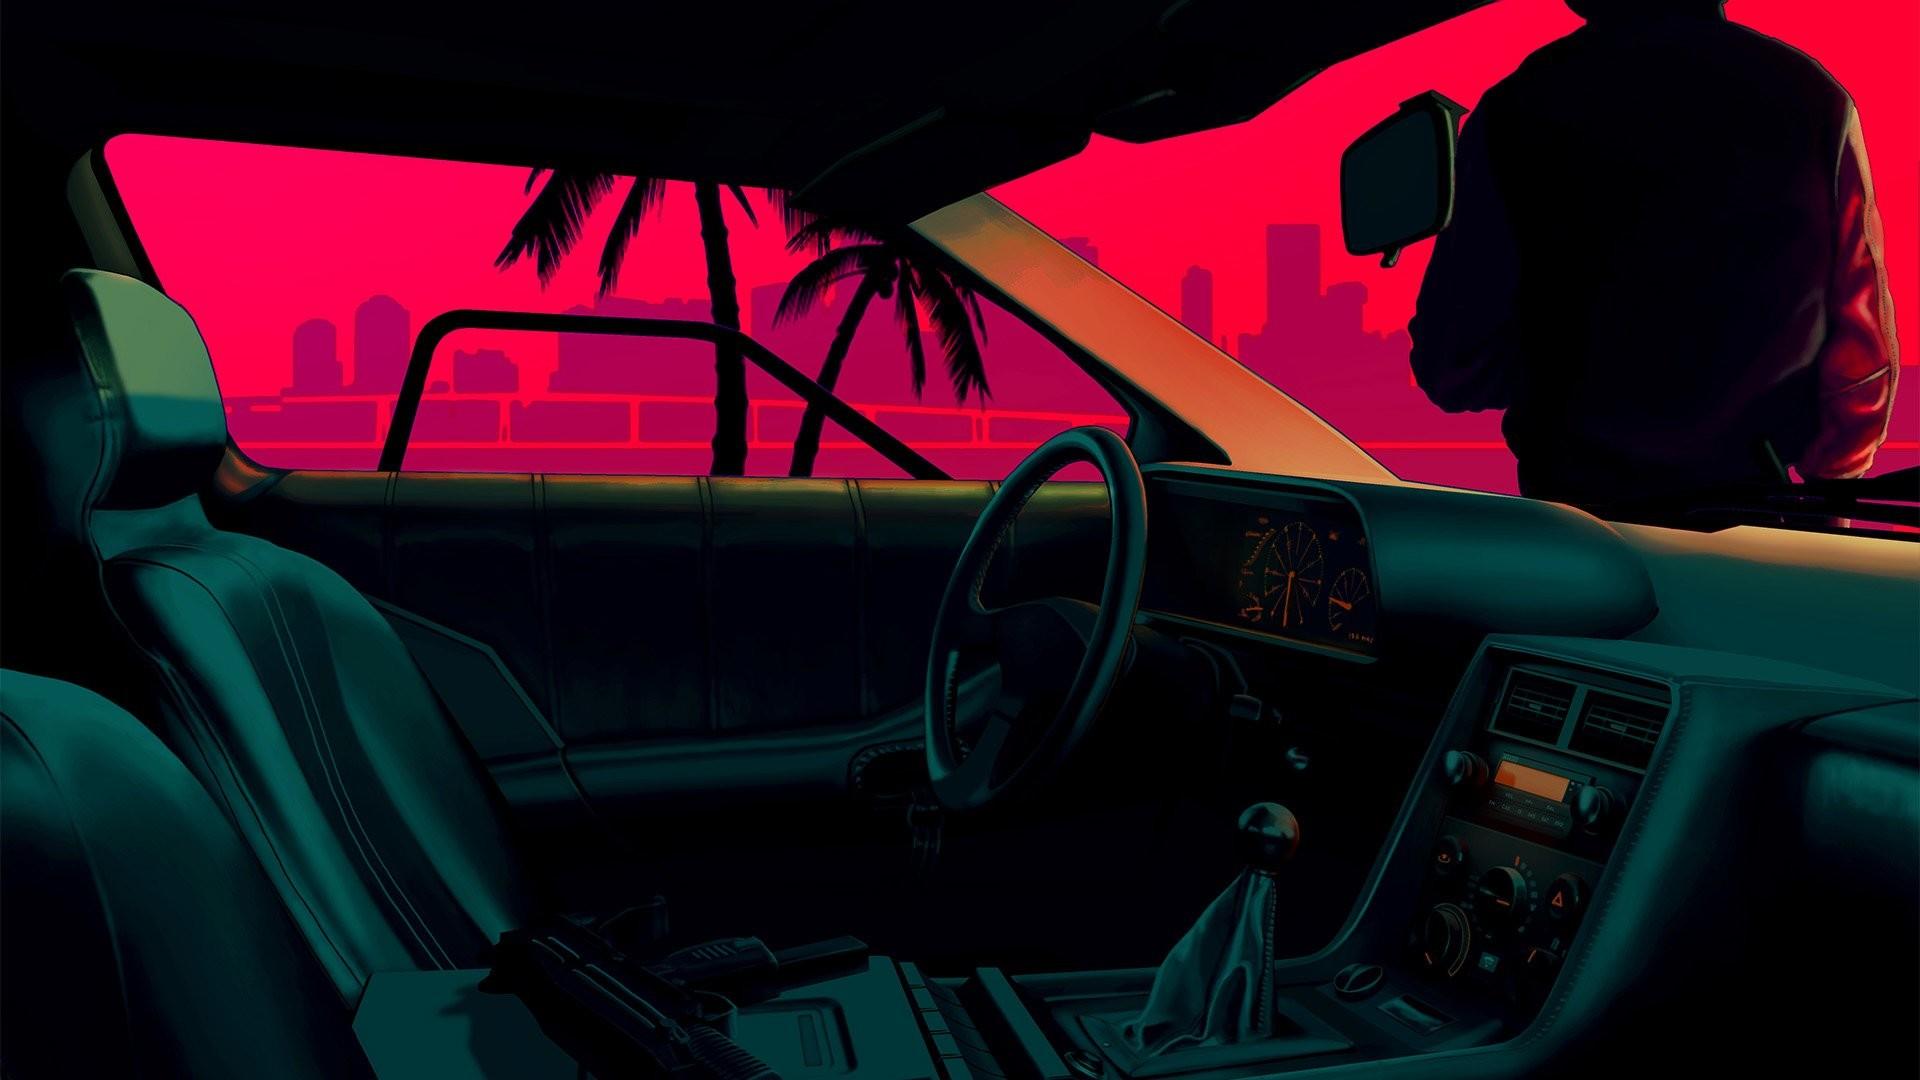 Video Game – Hotline Miami Wallpaper